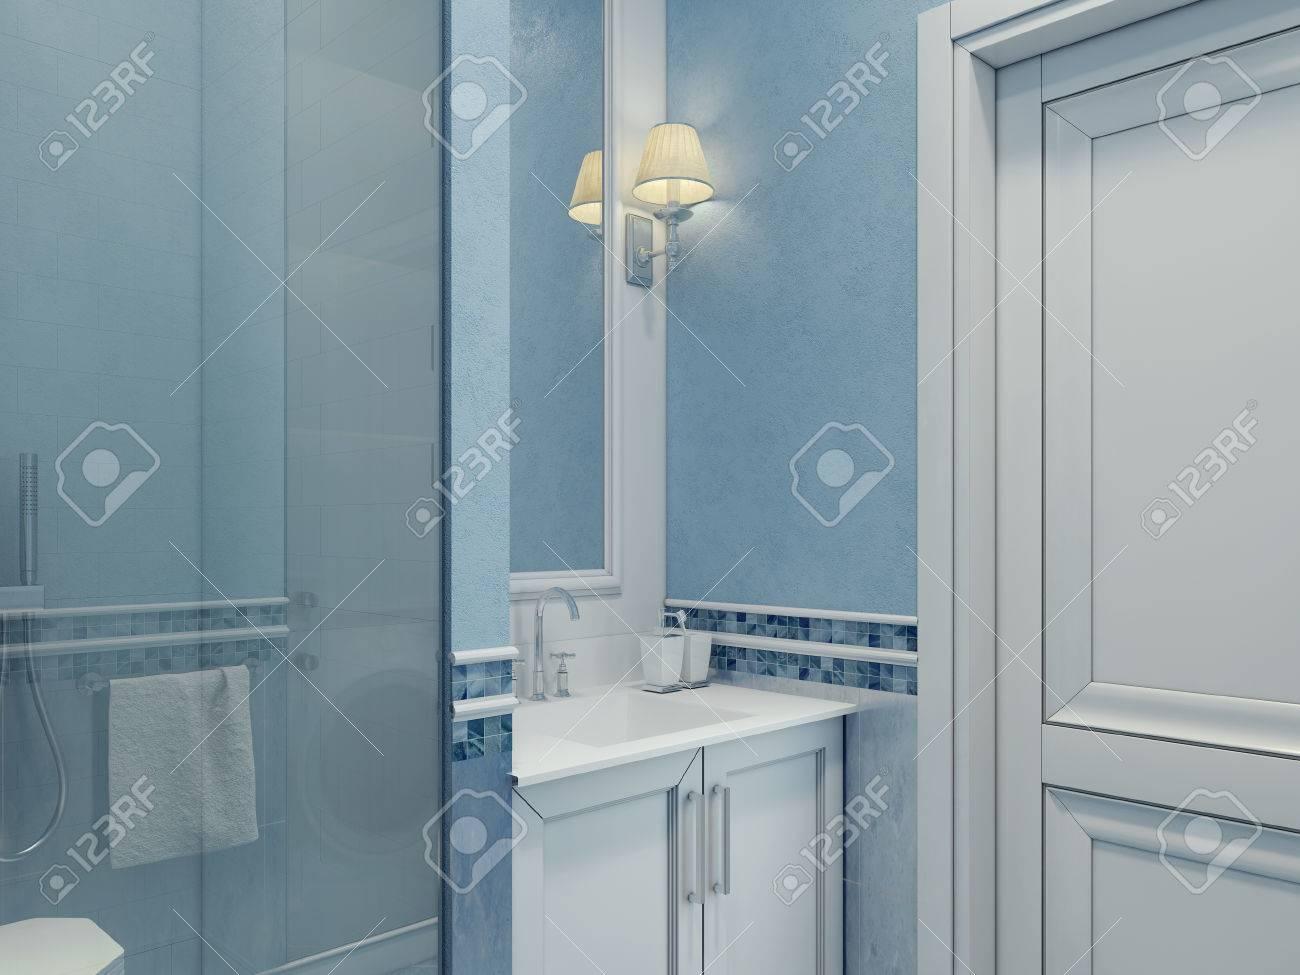 Diseño De Baño Moderno. Cuarto De Baño Con Elegancia Hecha Azul ...